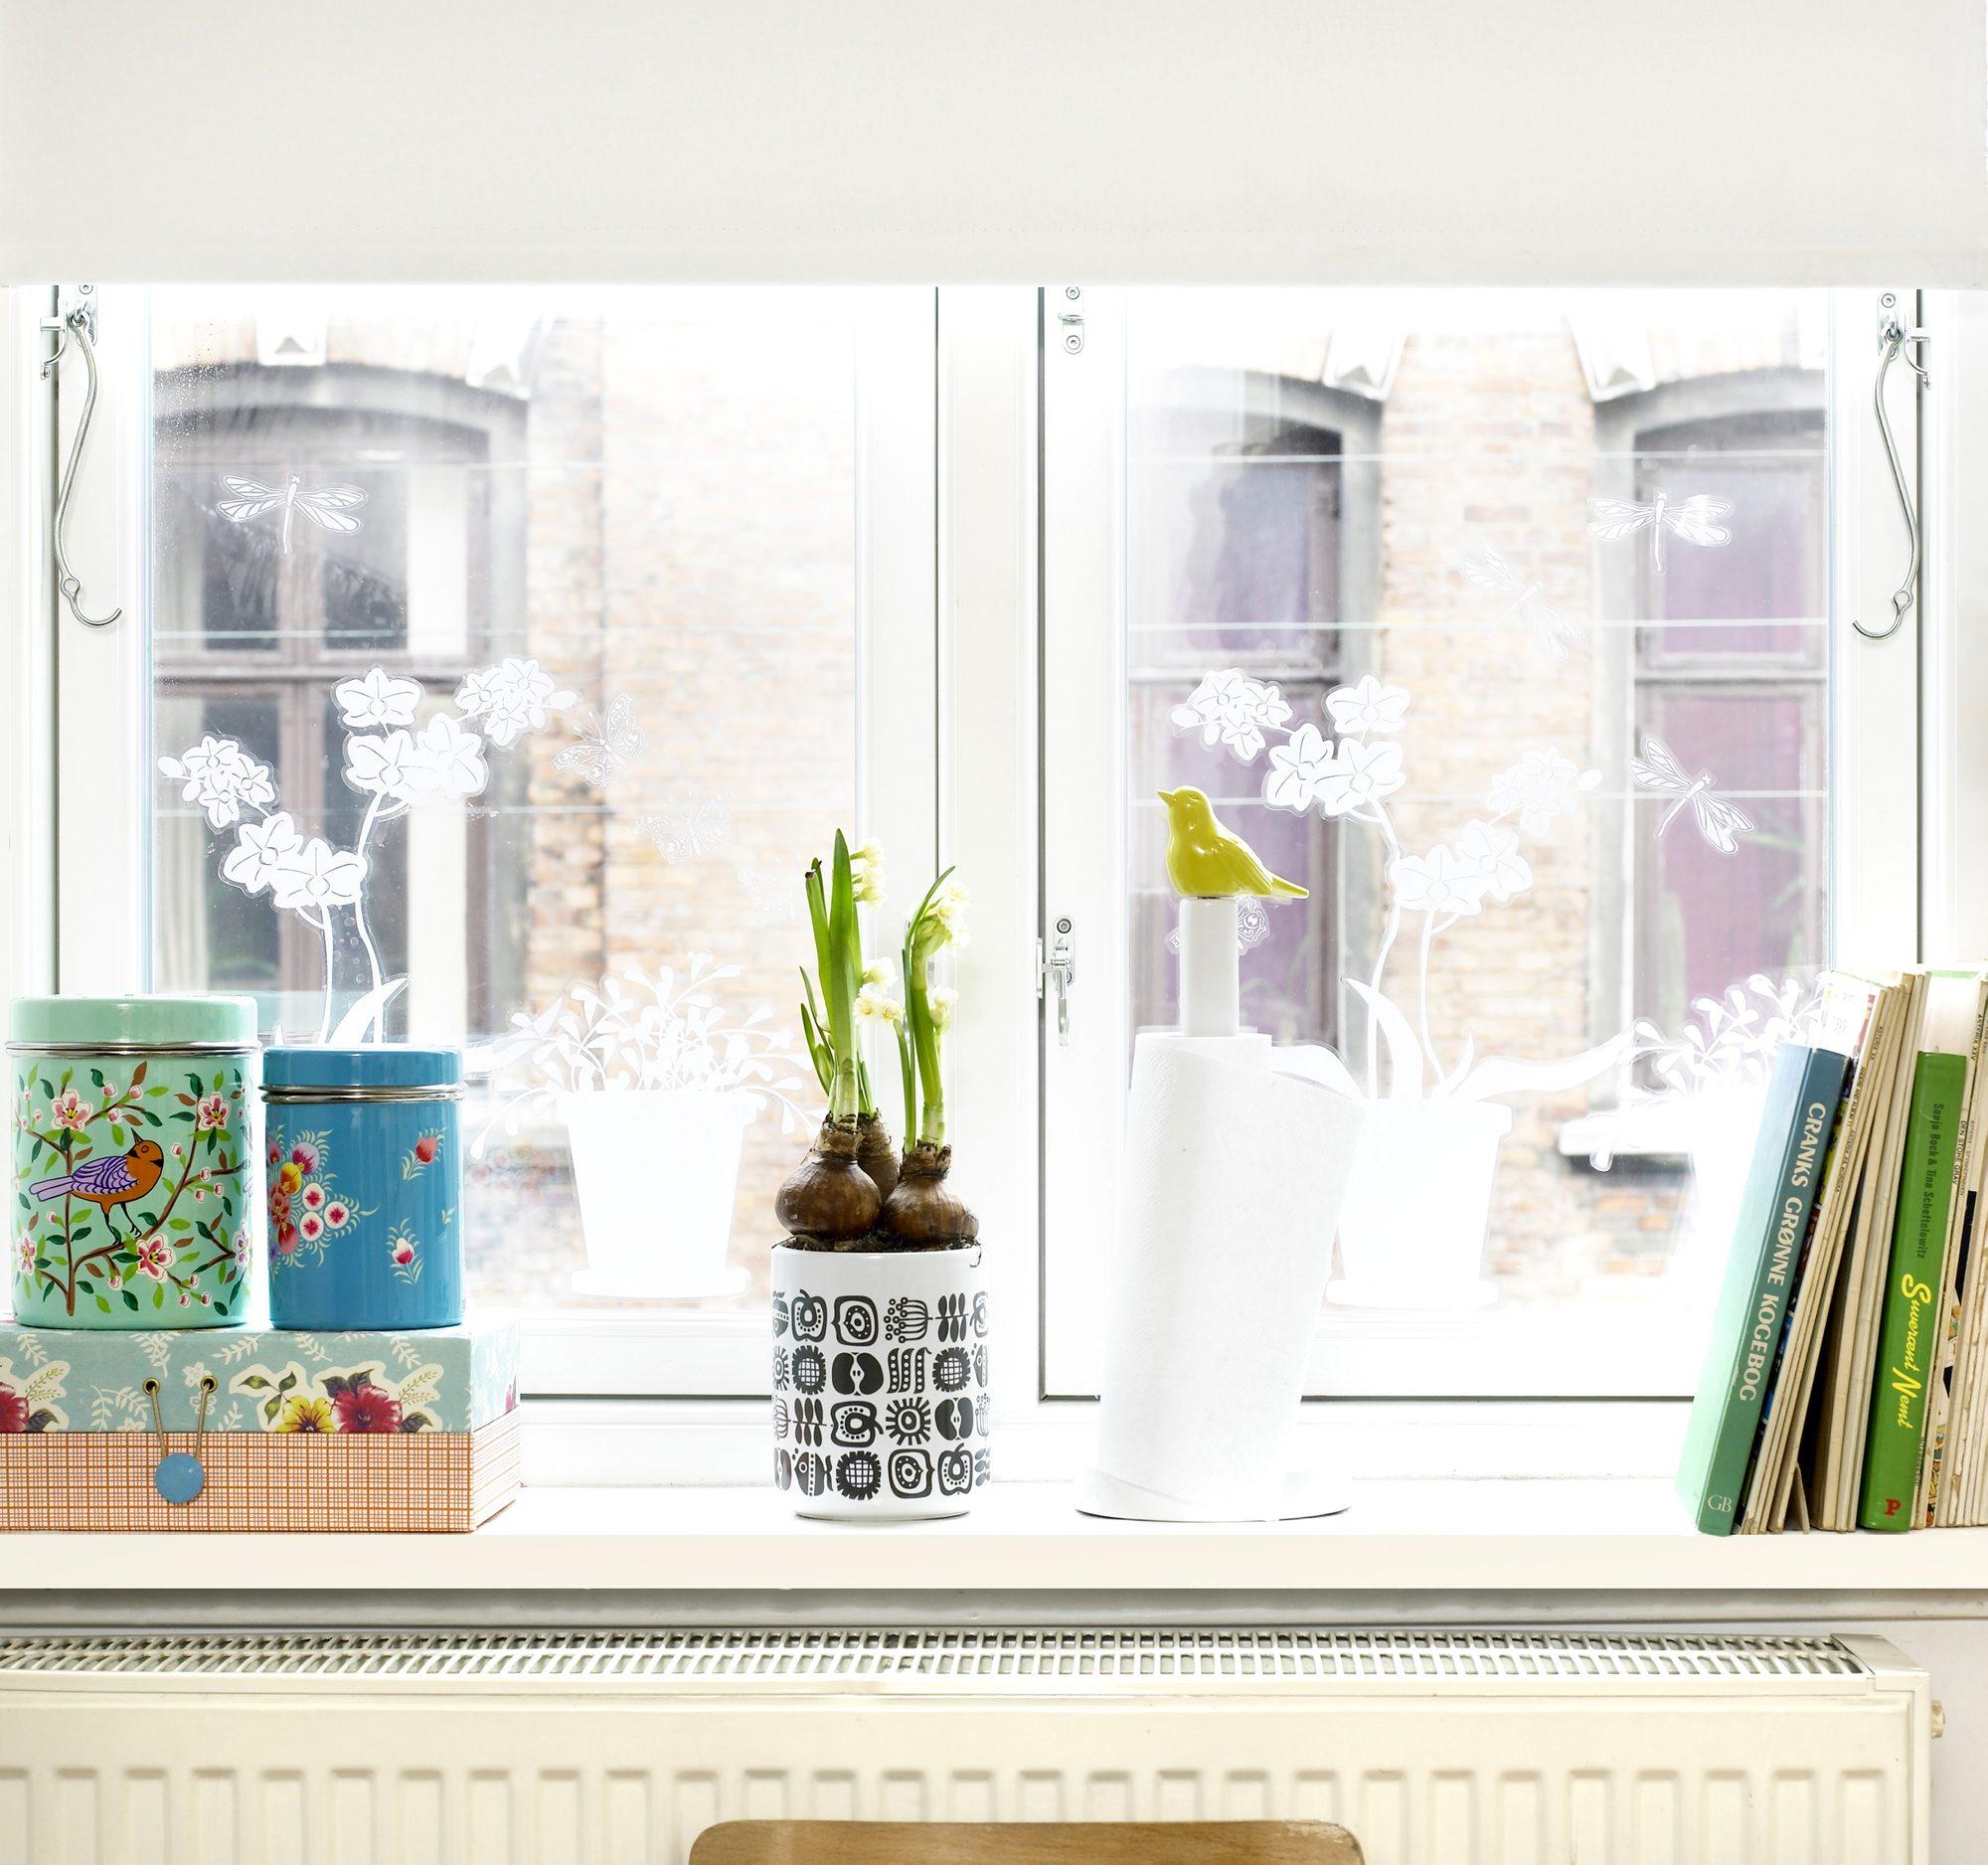 Når vindusvasken er gjort kan våren bare komme. Disse er dekorert med blomstene som gir deg vår allerede. FOTO: Linnea Press